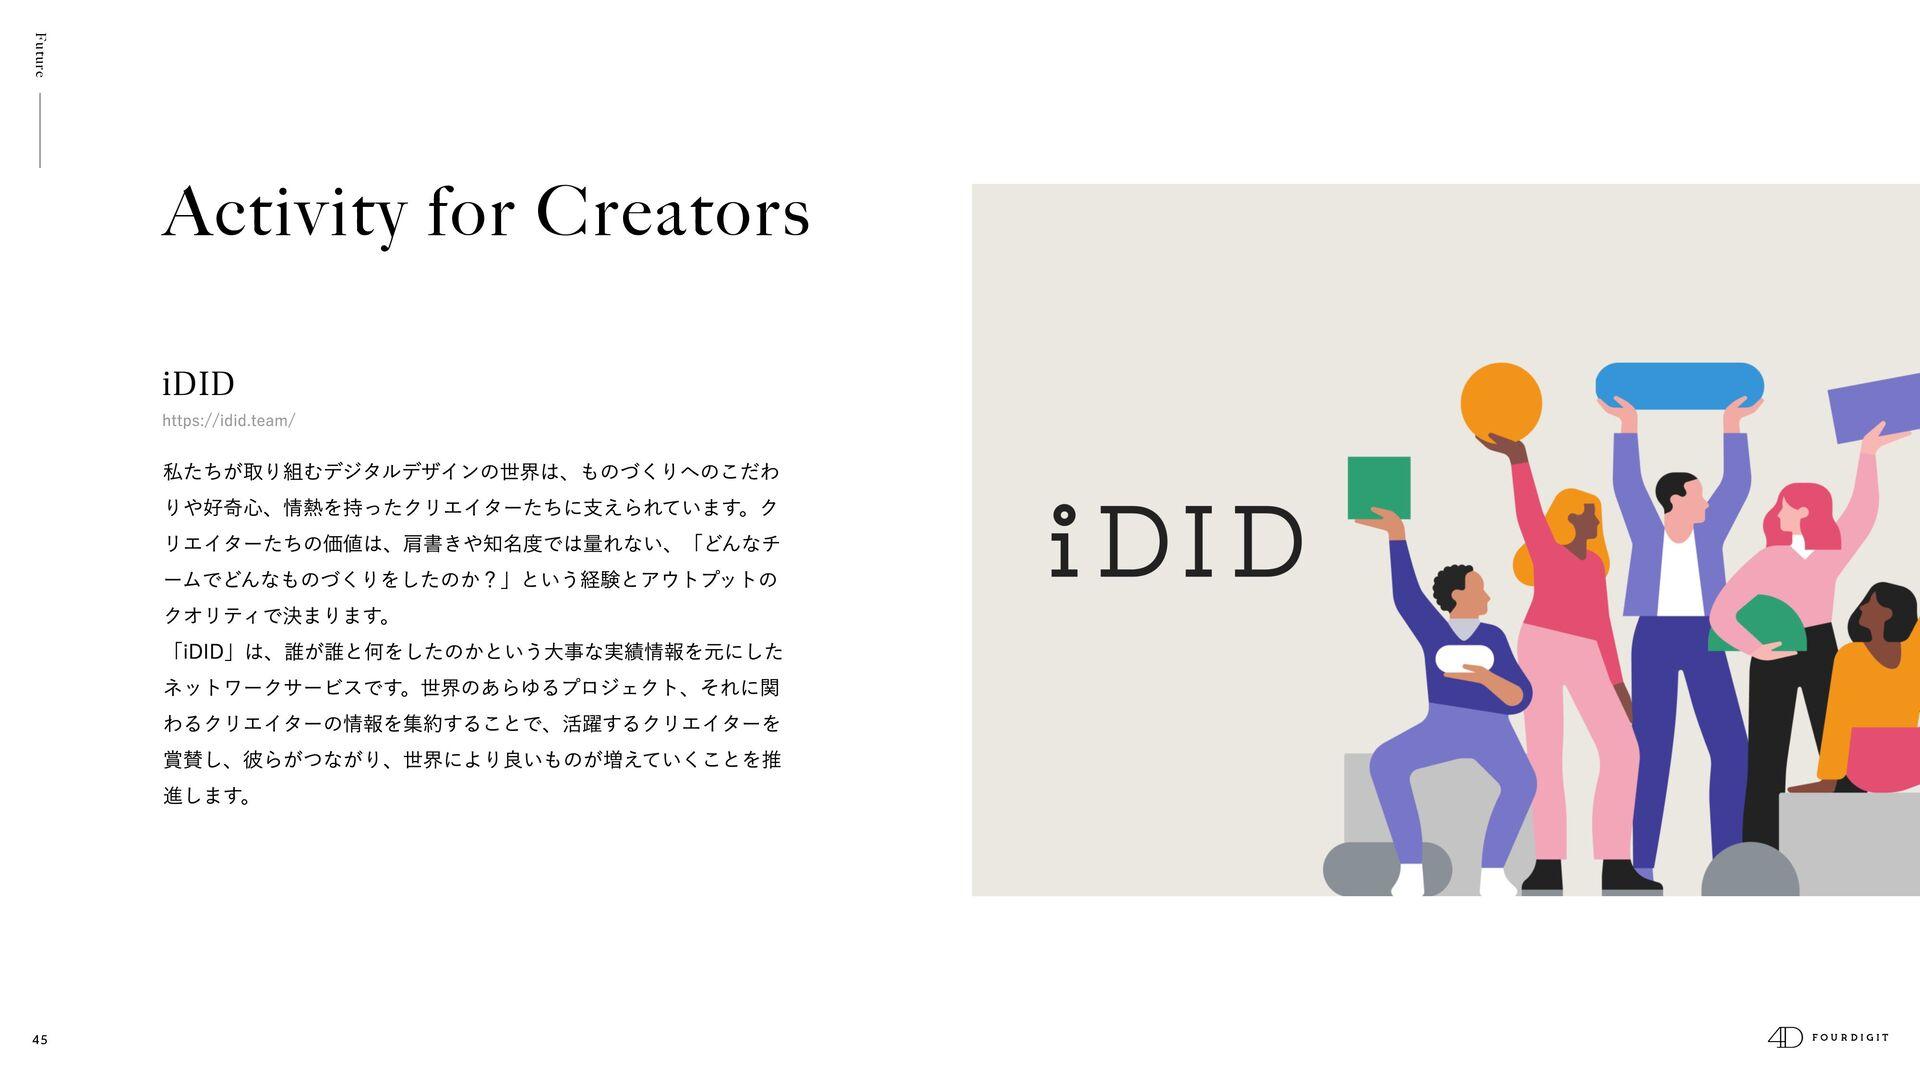 45 Recruitment 新卒エンジニア https://herp.careers/v1/...